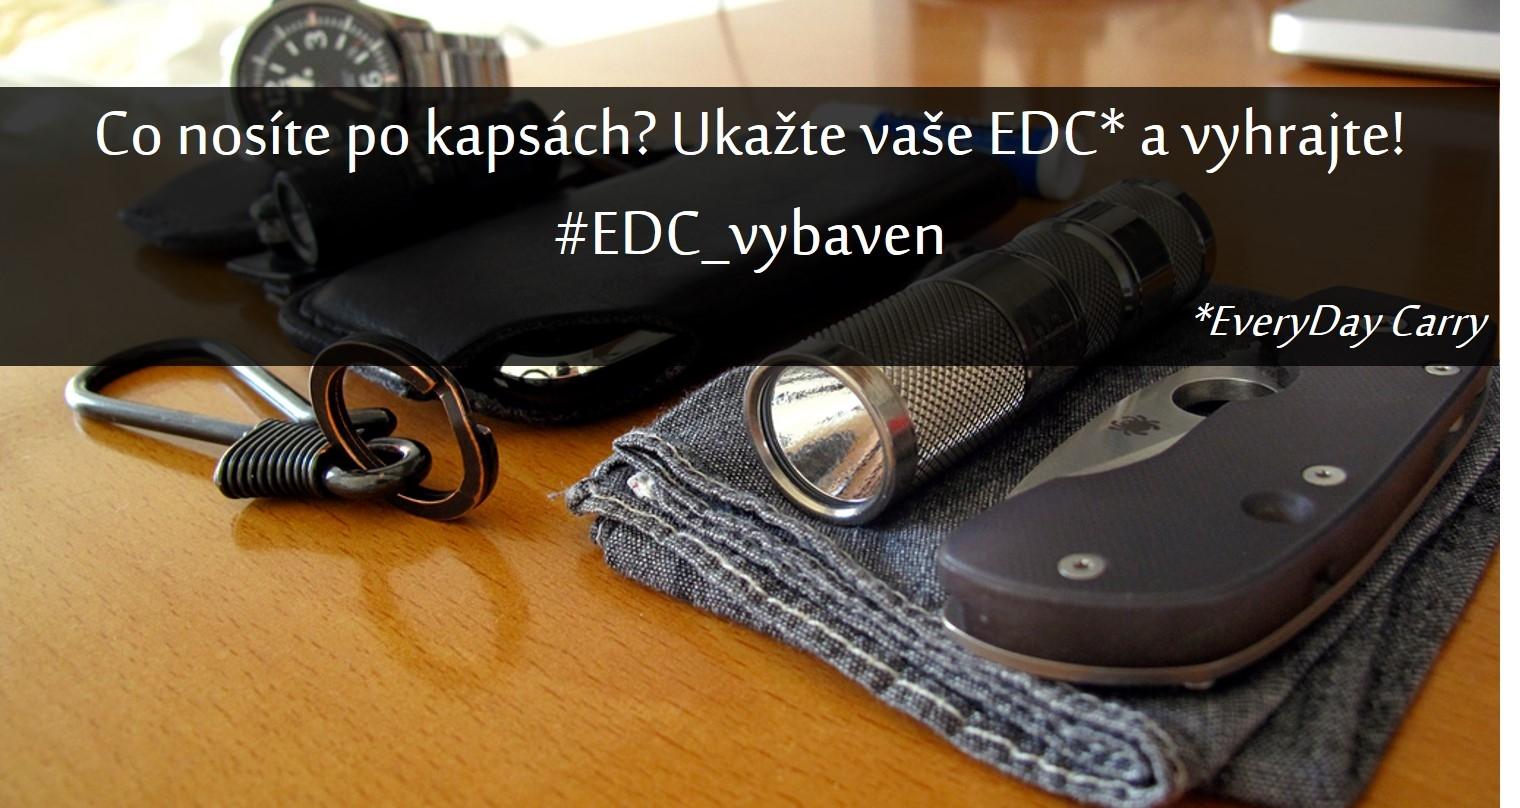 EDC-soutez-vybaven